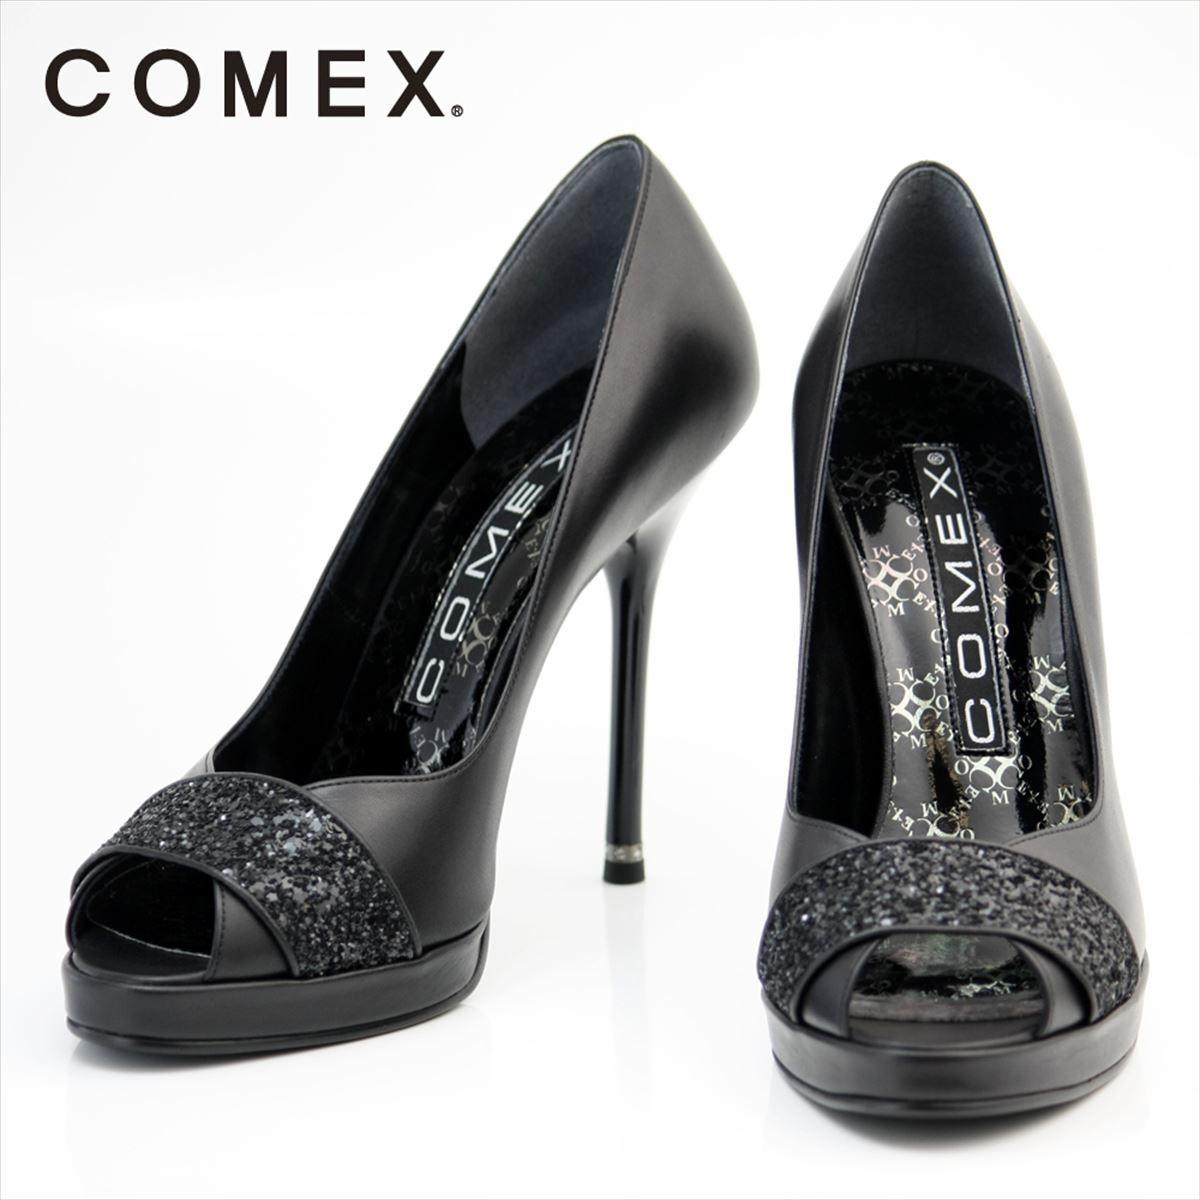 COMEX コメックス オープントゥパンプス ピンヒール 定番 美脚 結婚式 パーティー 靴 シューズ